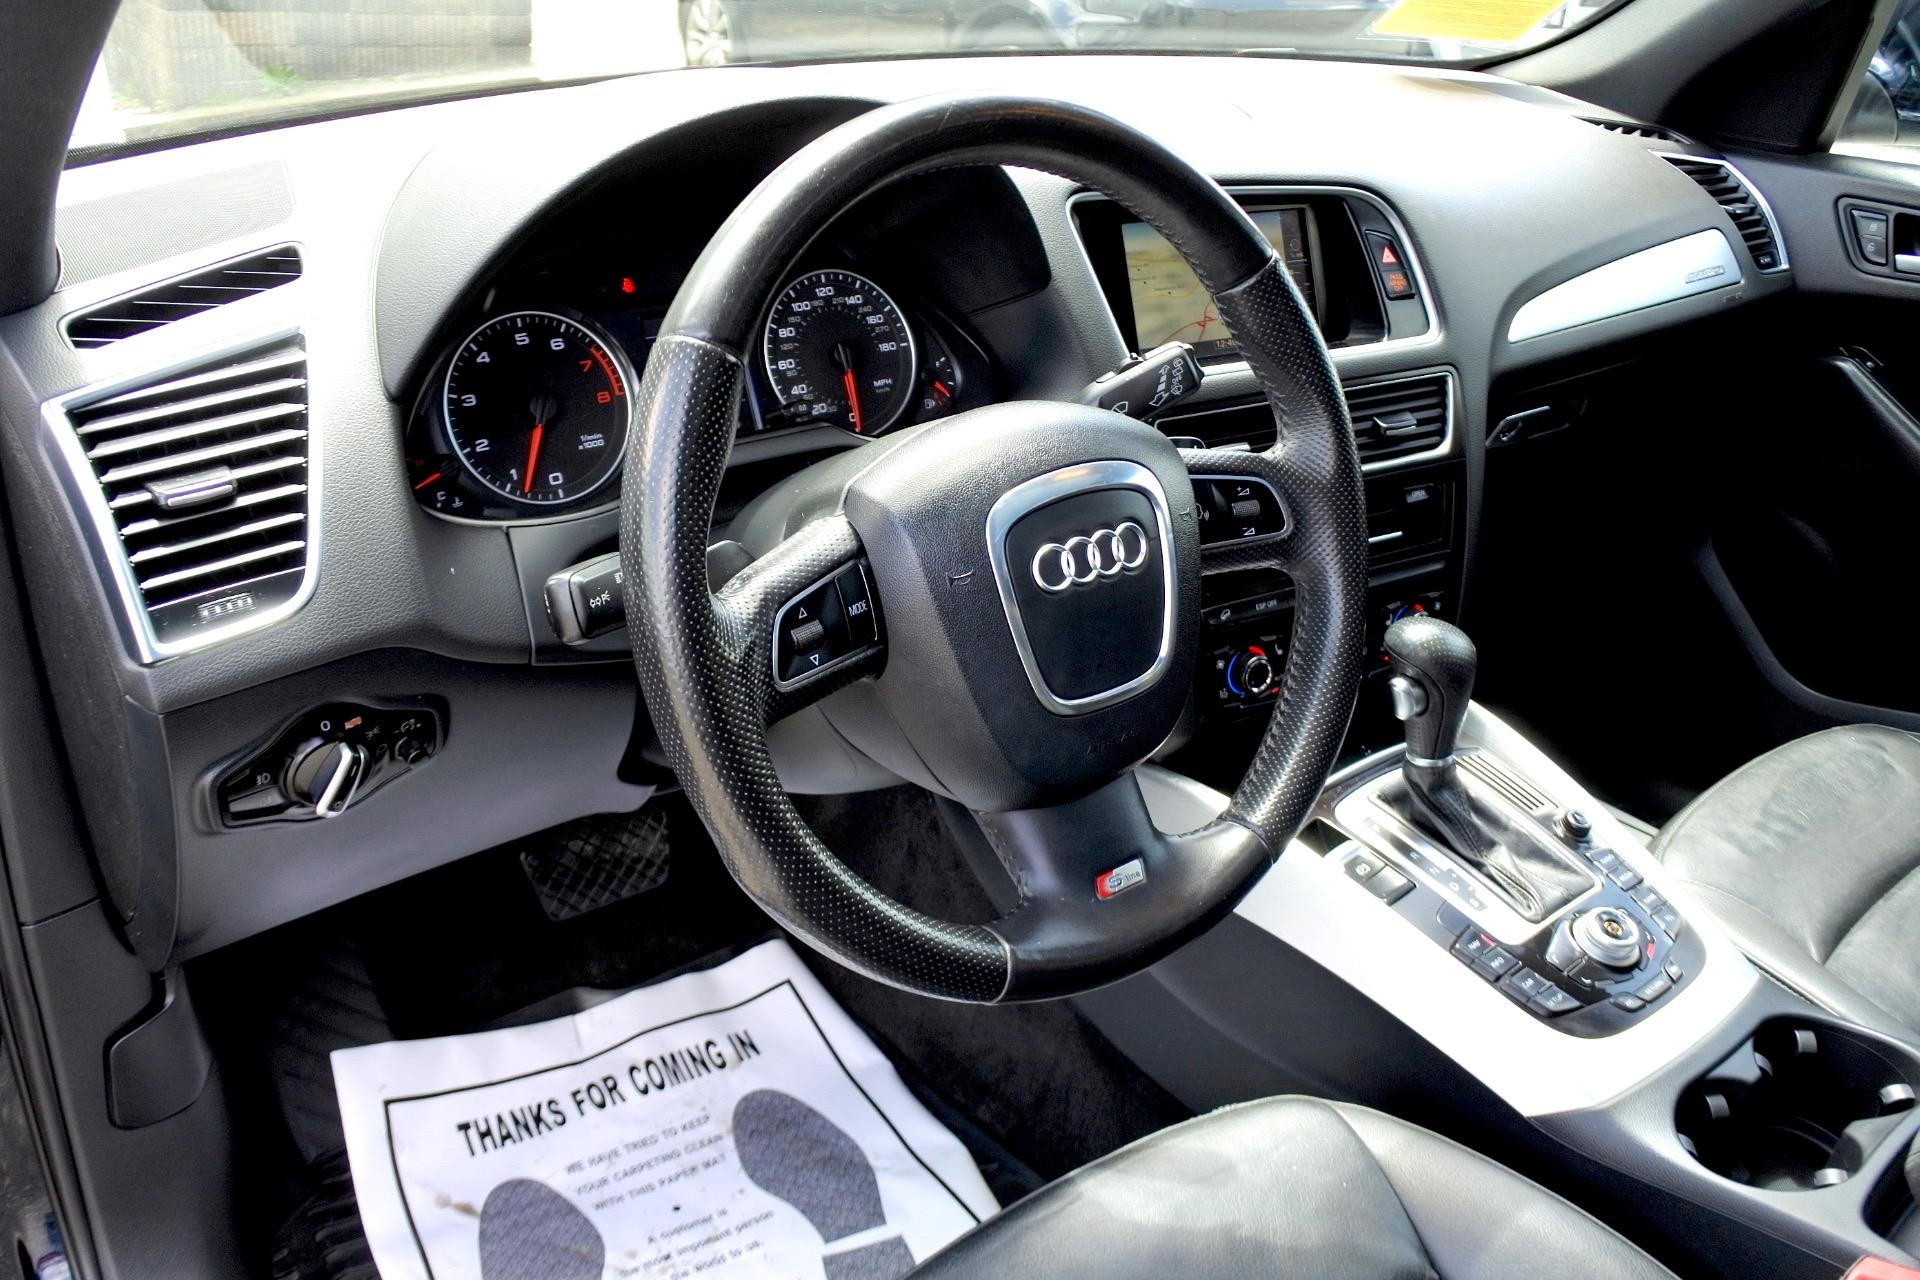 Used 2010 Audi Q5 Premium Plus S-Line Quattro Used 2010 Audi Q5 Premium Plus S-Line Quattro for sale  at Metro West Motorcars LLC in Shrewsbury MA 13